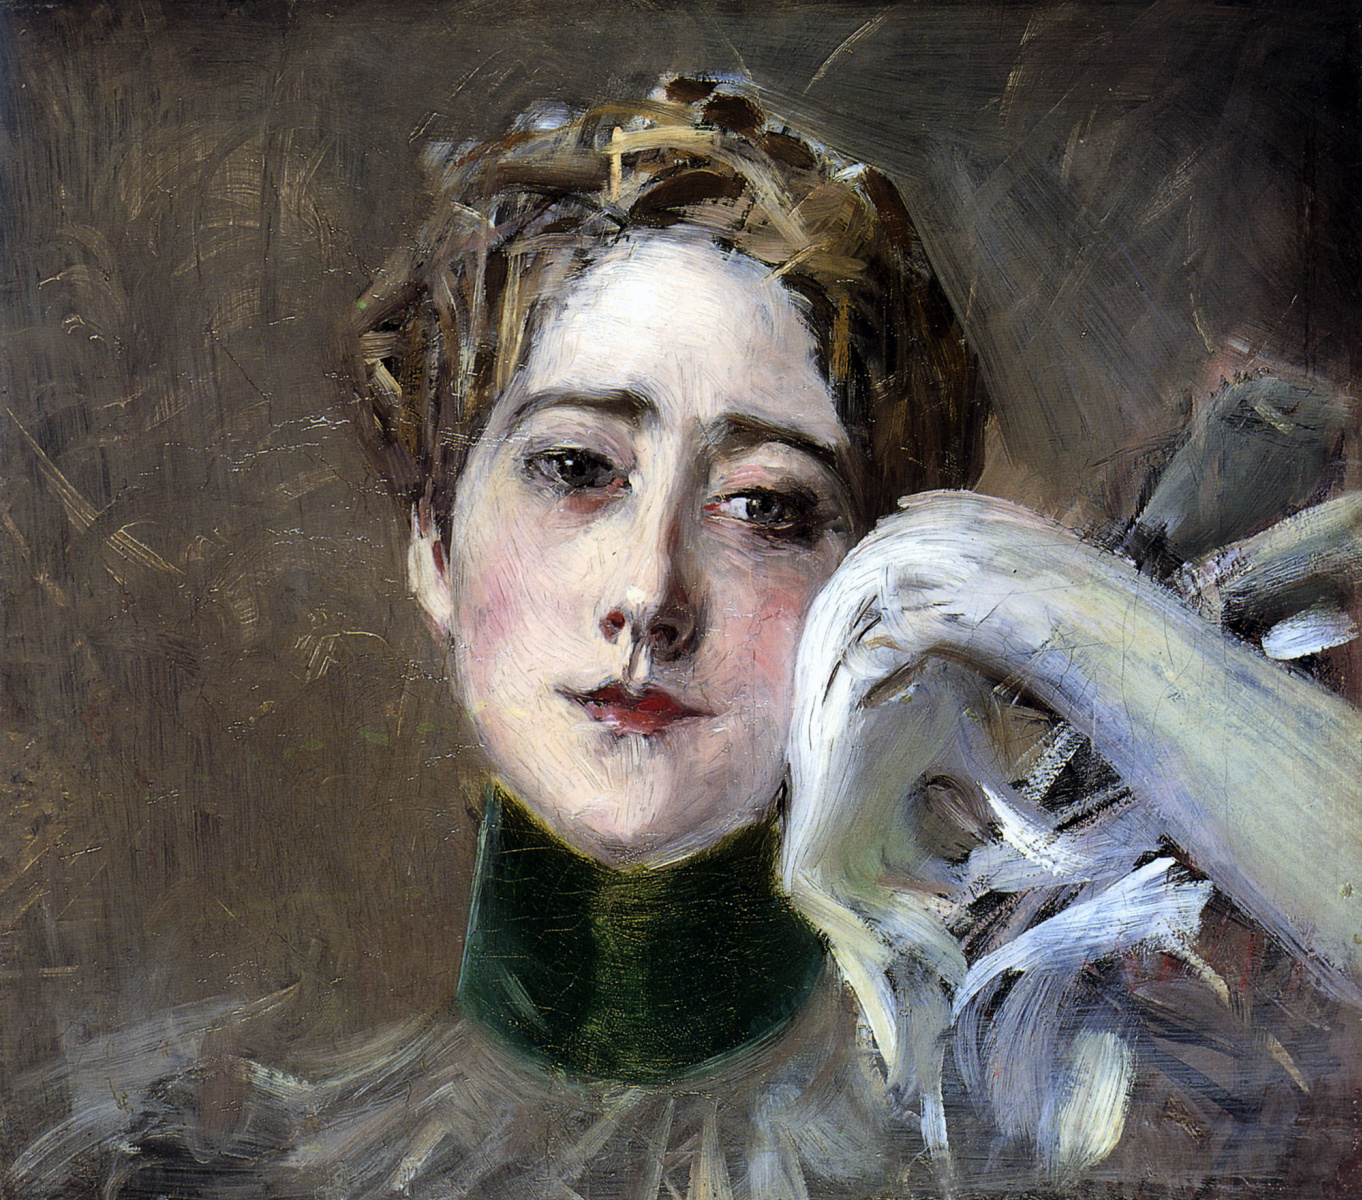 Джованни Больдини - «итальянский парижанин»: чудесные работы автора знаменитого портрета Тулуз-Лотрека